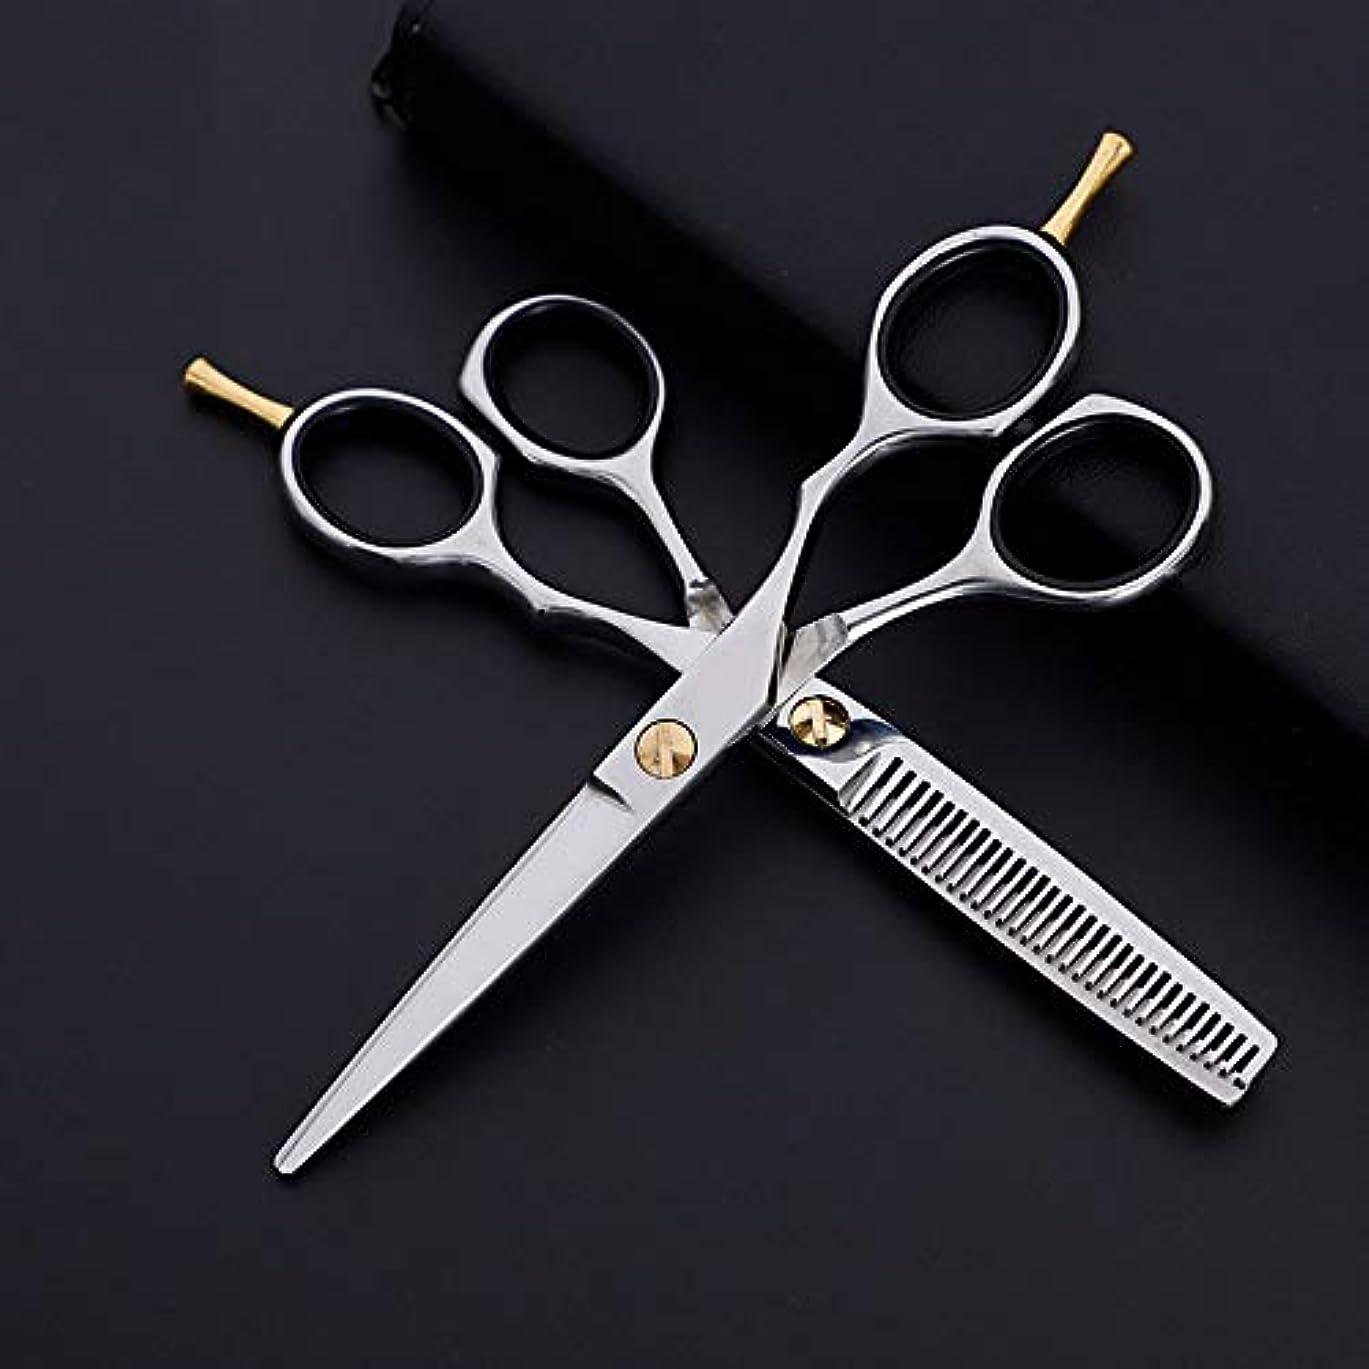 遠征フェンス広がりWASAIO サロンレイザーエッジ髪のクリッピングせん断美容専門の理髪セットプレーン+歯はさみクラシック6インチハンドル (色 : Silver)